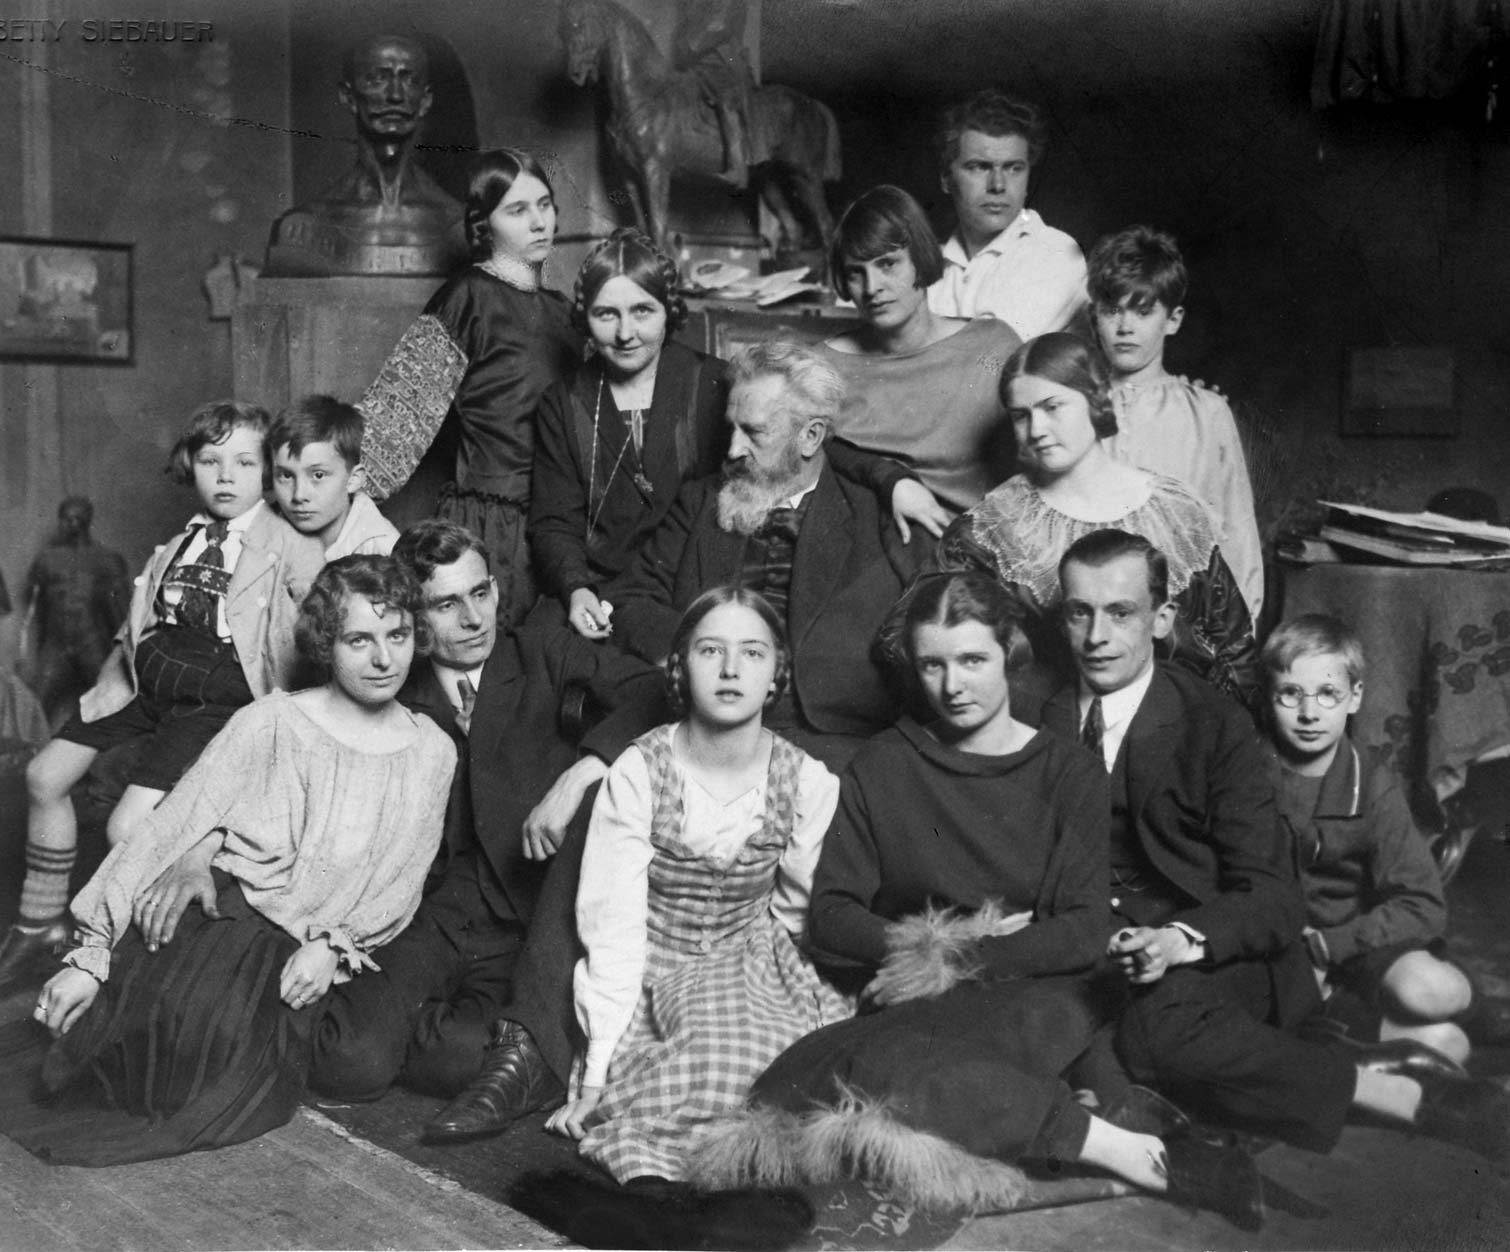 Max und Käthe Kruse mit Kindern an Max Kruses 70. Geburtstag (1924)